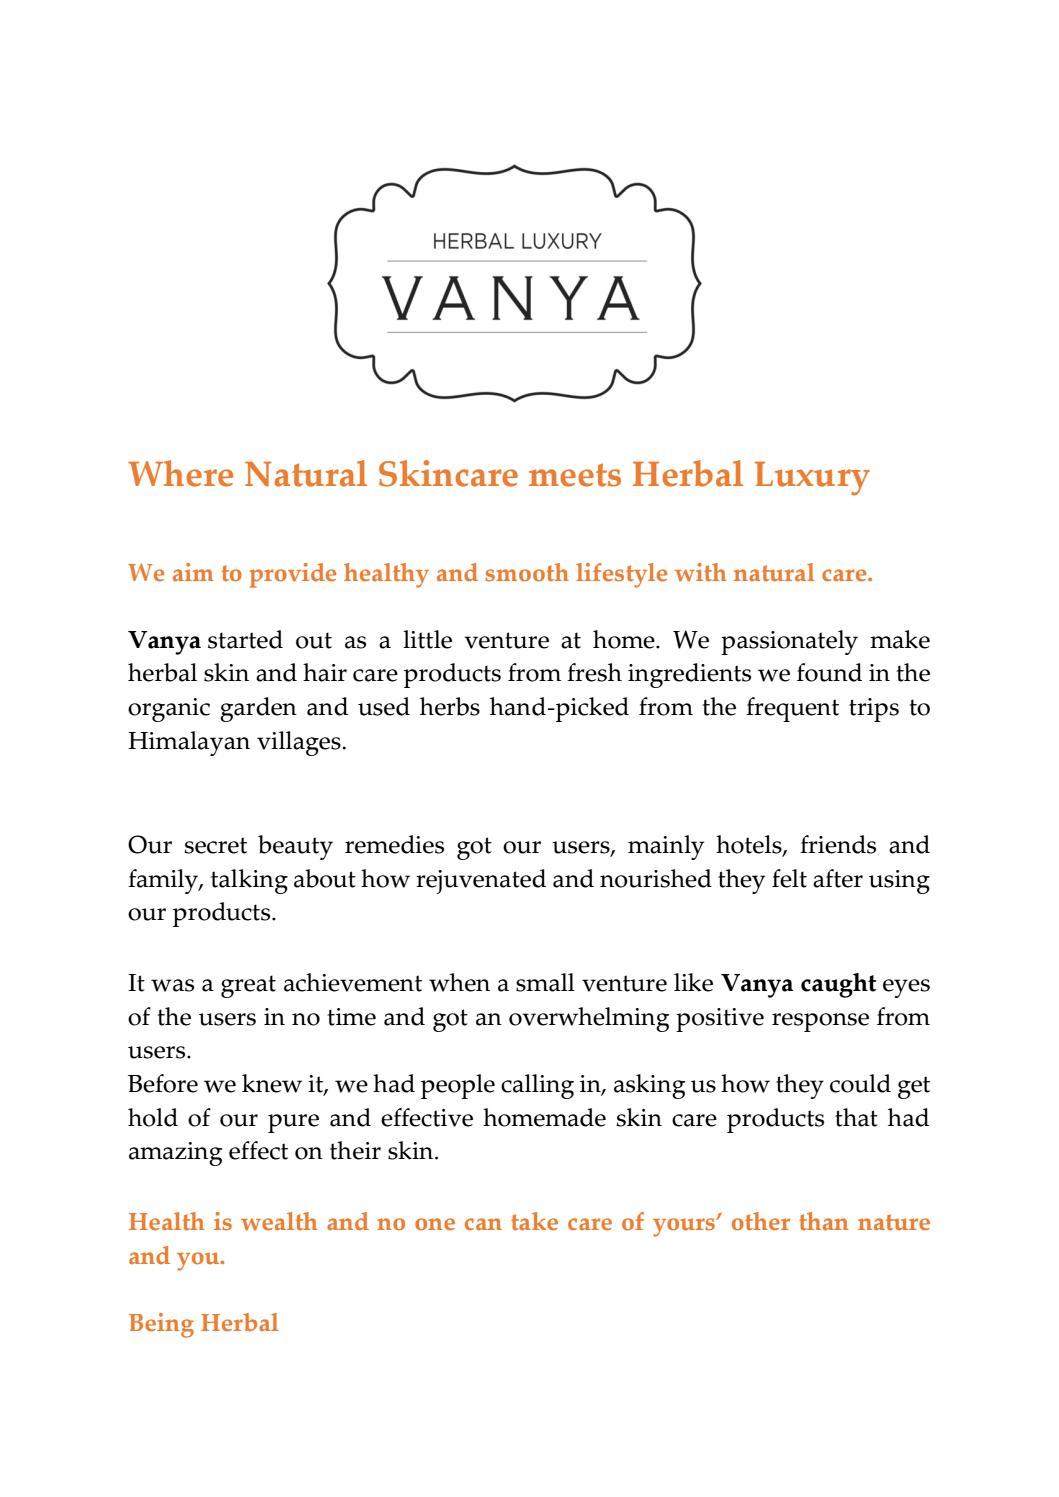 Where Natural Skincare Meets Herbal Luxury By Vanya Herbal Issuu